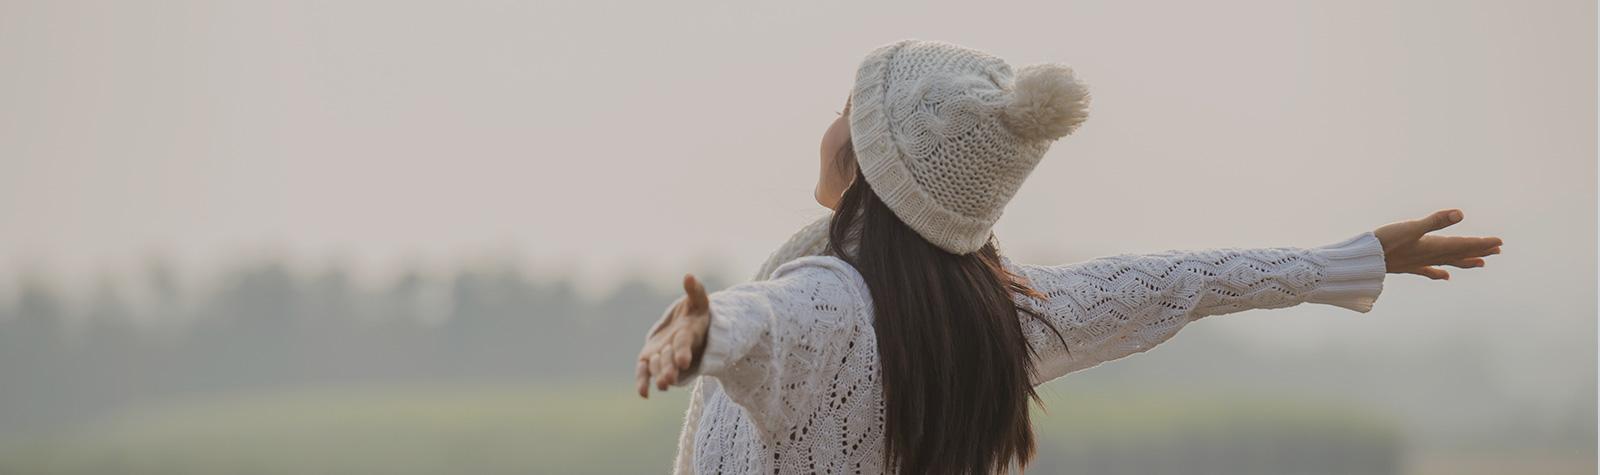 5 Passos para ser uma pessoa mais otimista!